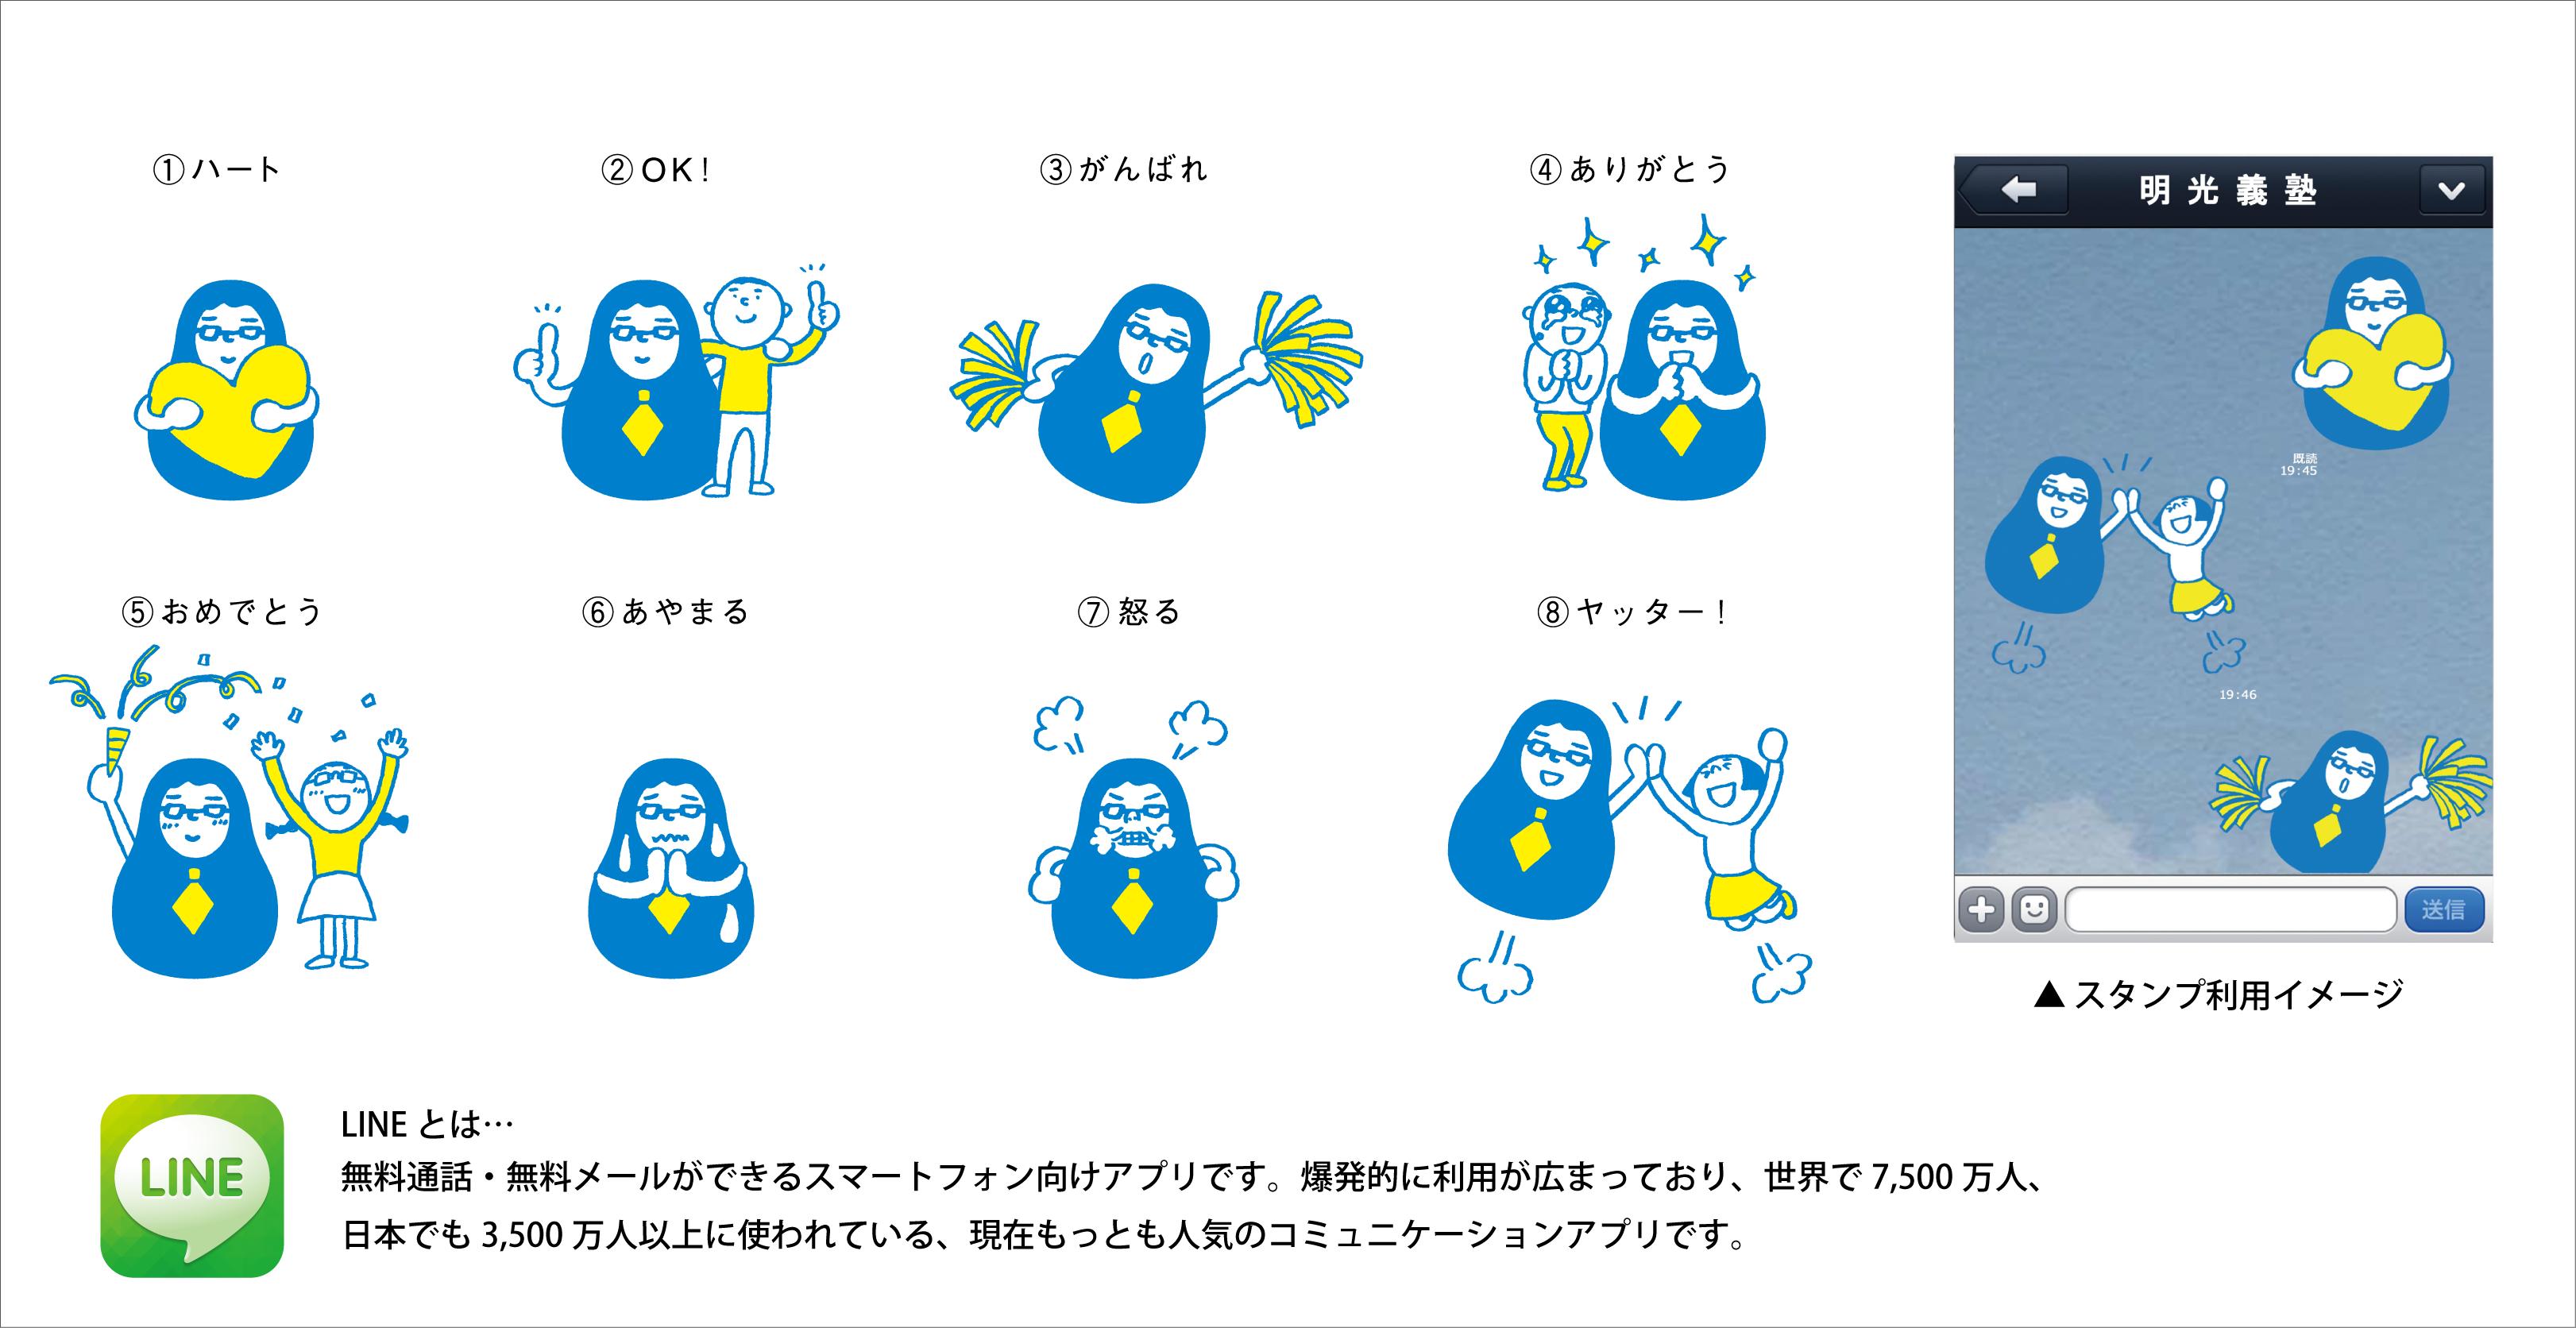 無料通話・無料メールアプリ「LINE」に 明光義塾オリジナルスタンプが登場! ~2012年11月27日(火)より無料ダウンロード開始~